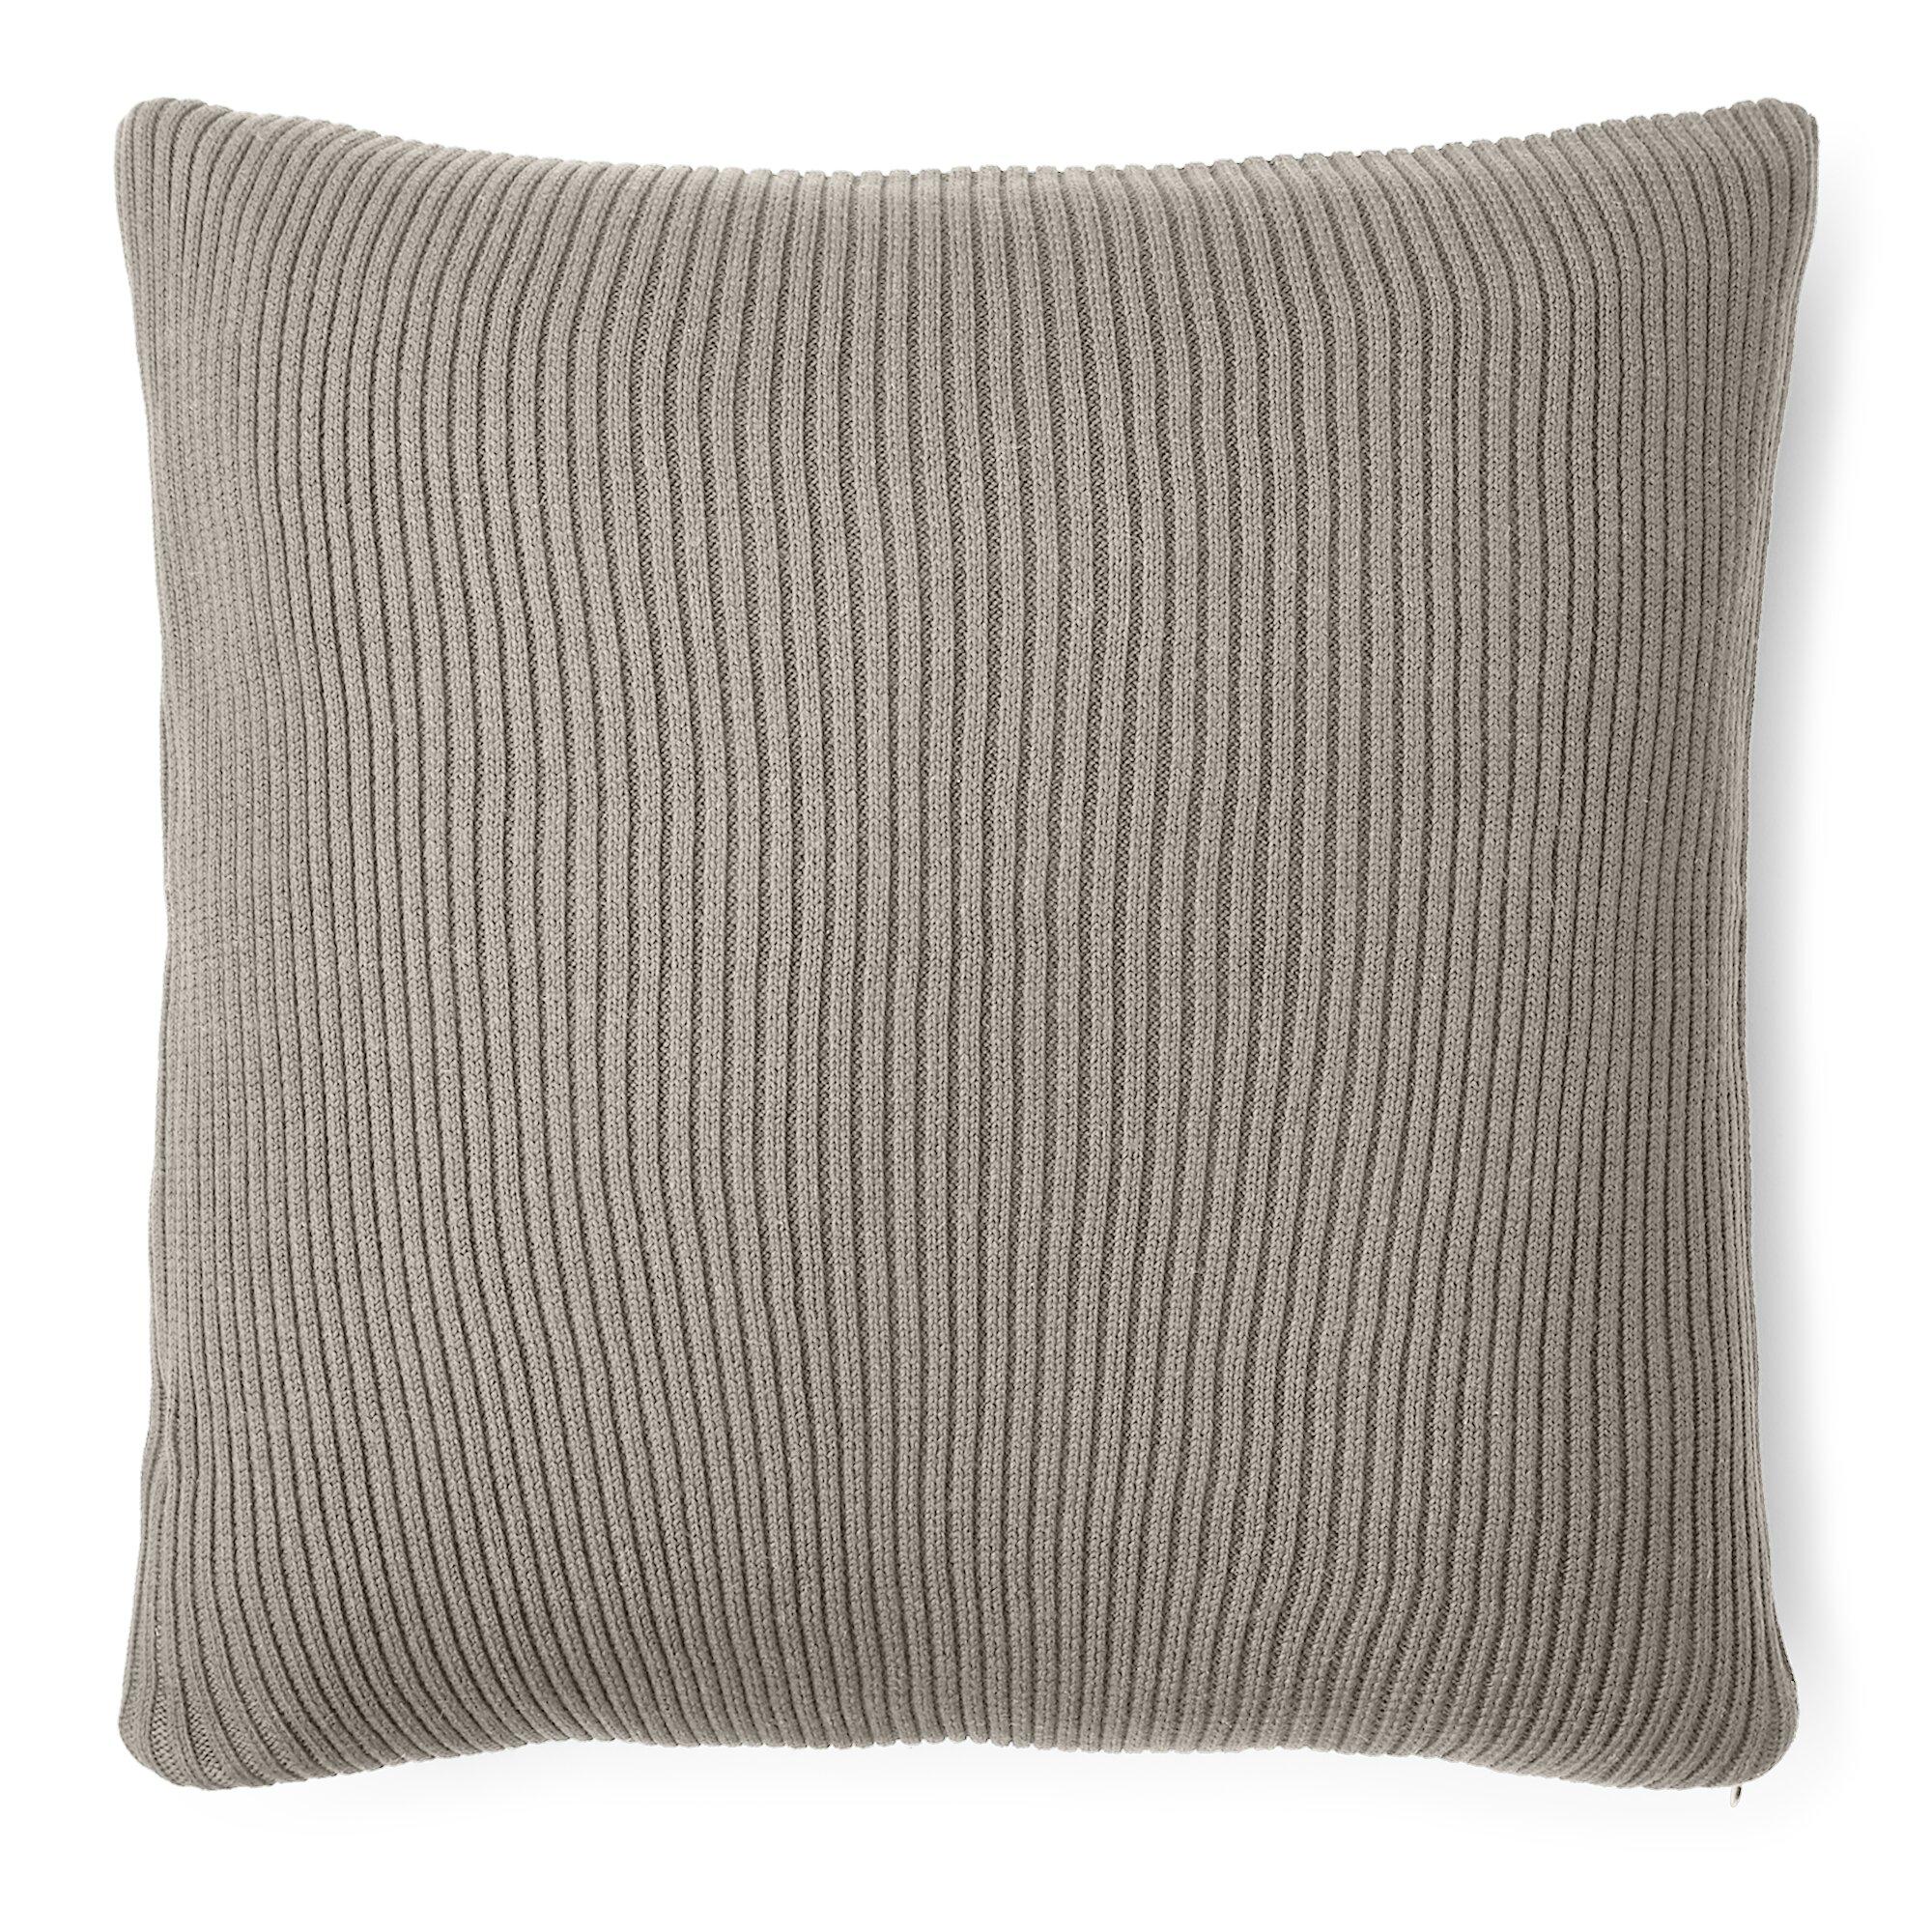 Lauren Ralph Lauren Flora Rib Knit Cotton 18 Throw Pillow Cover Insert Reviews Wayfair